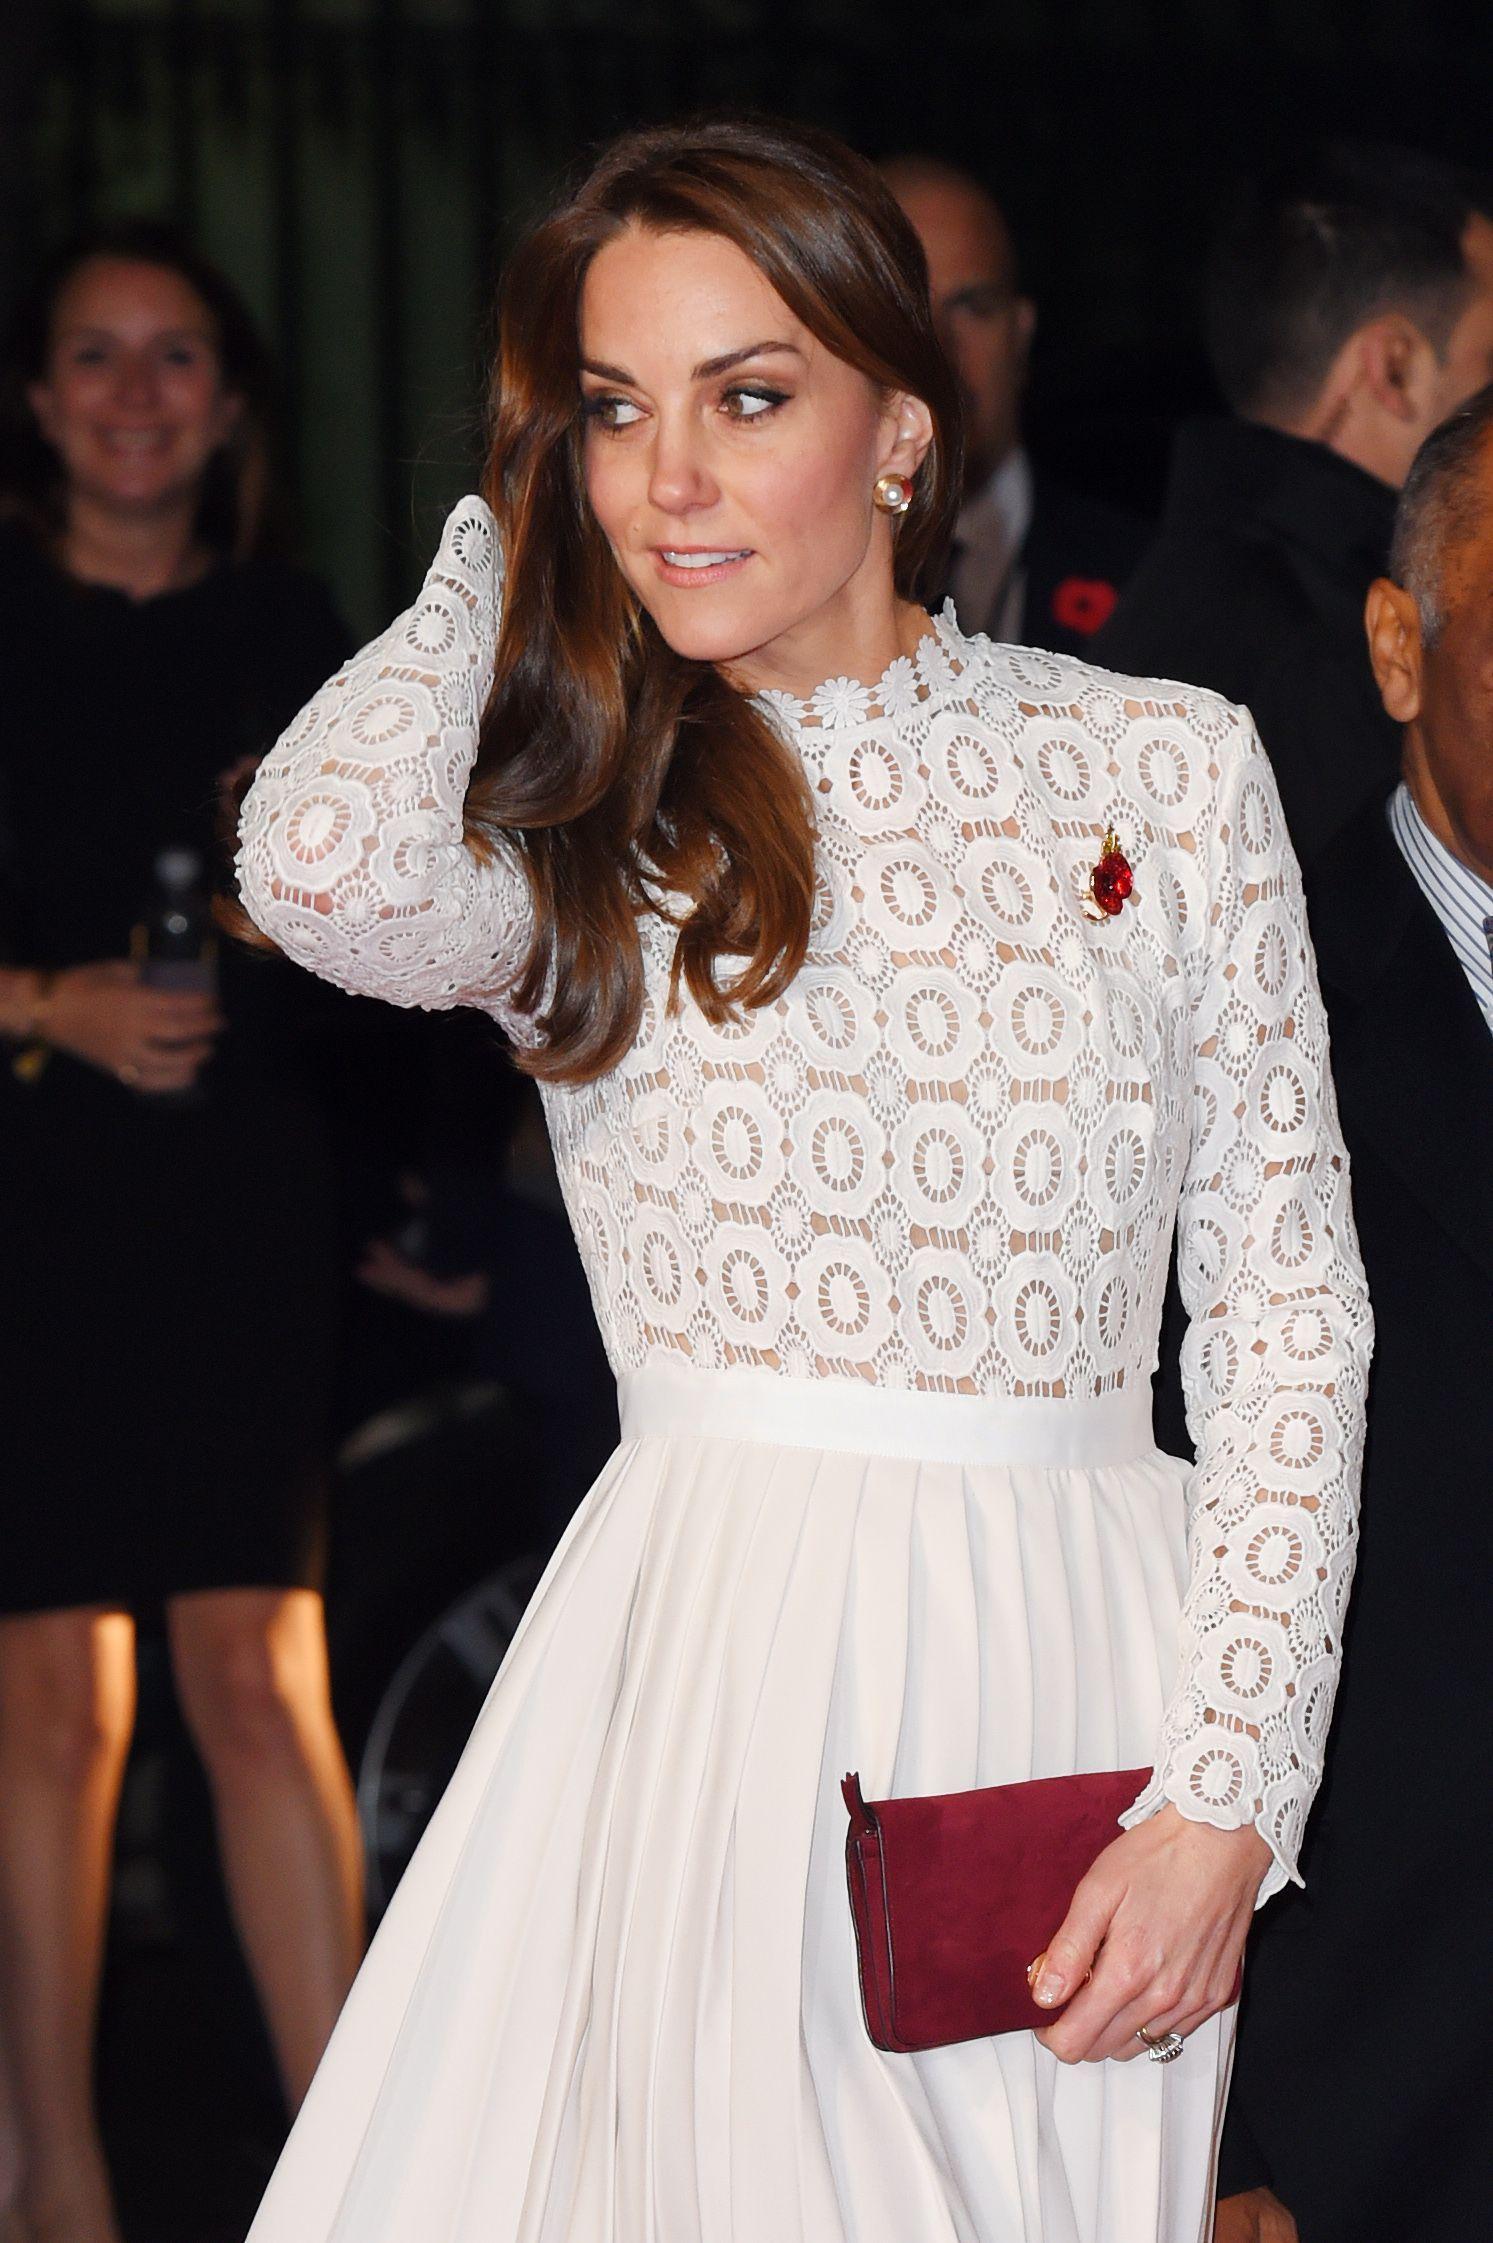 Pin on Kate Middleton